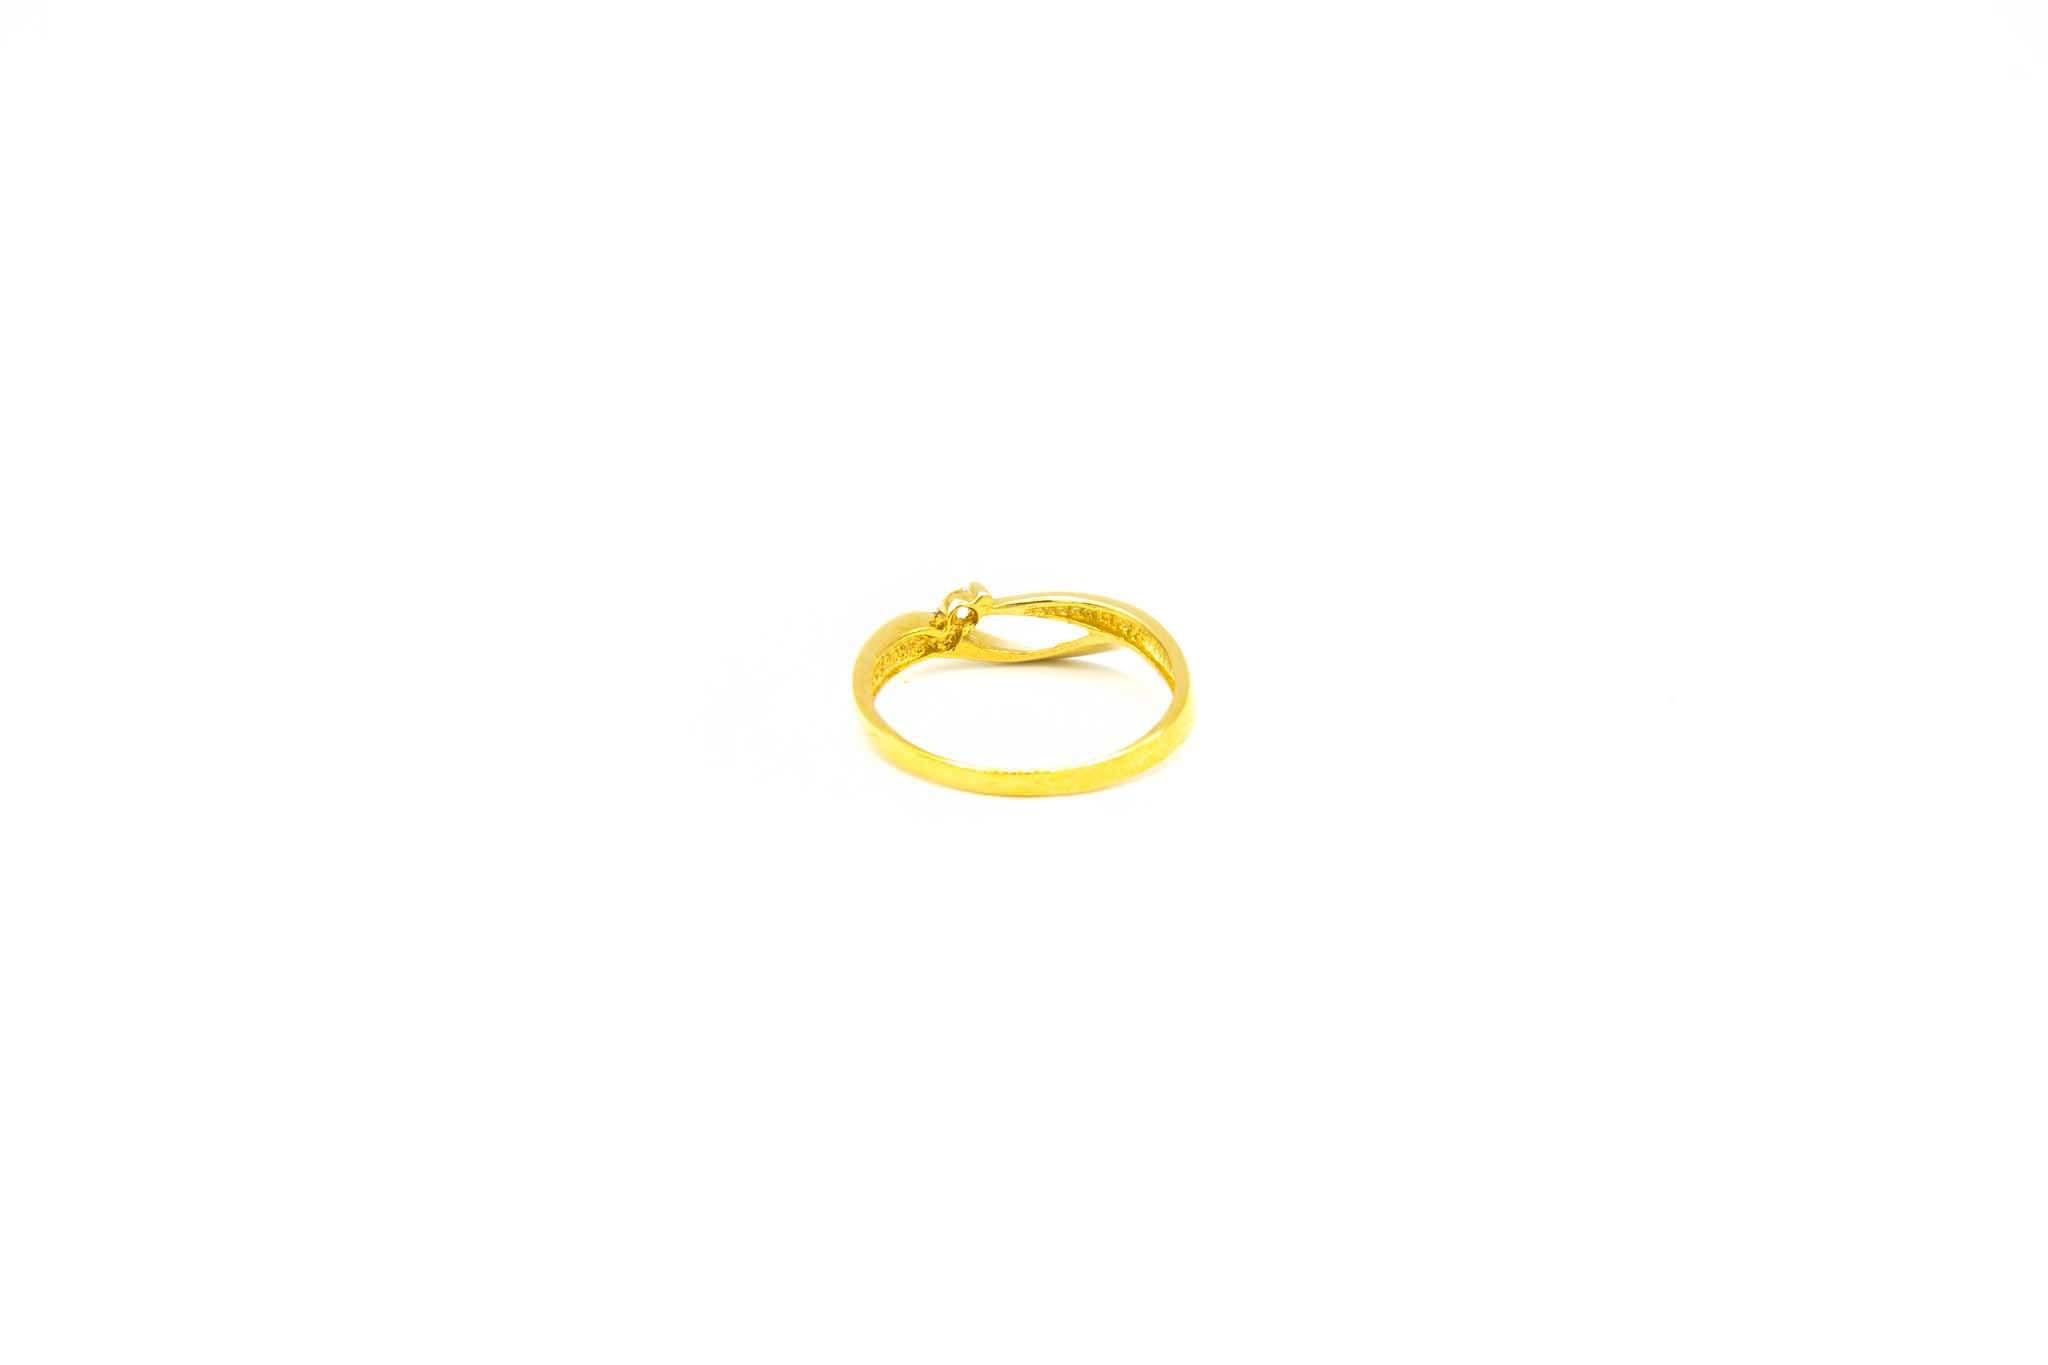 Ring fantasie opengewerkte band met zirkonia-4